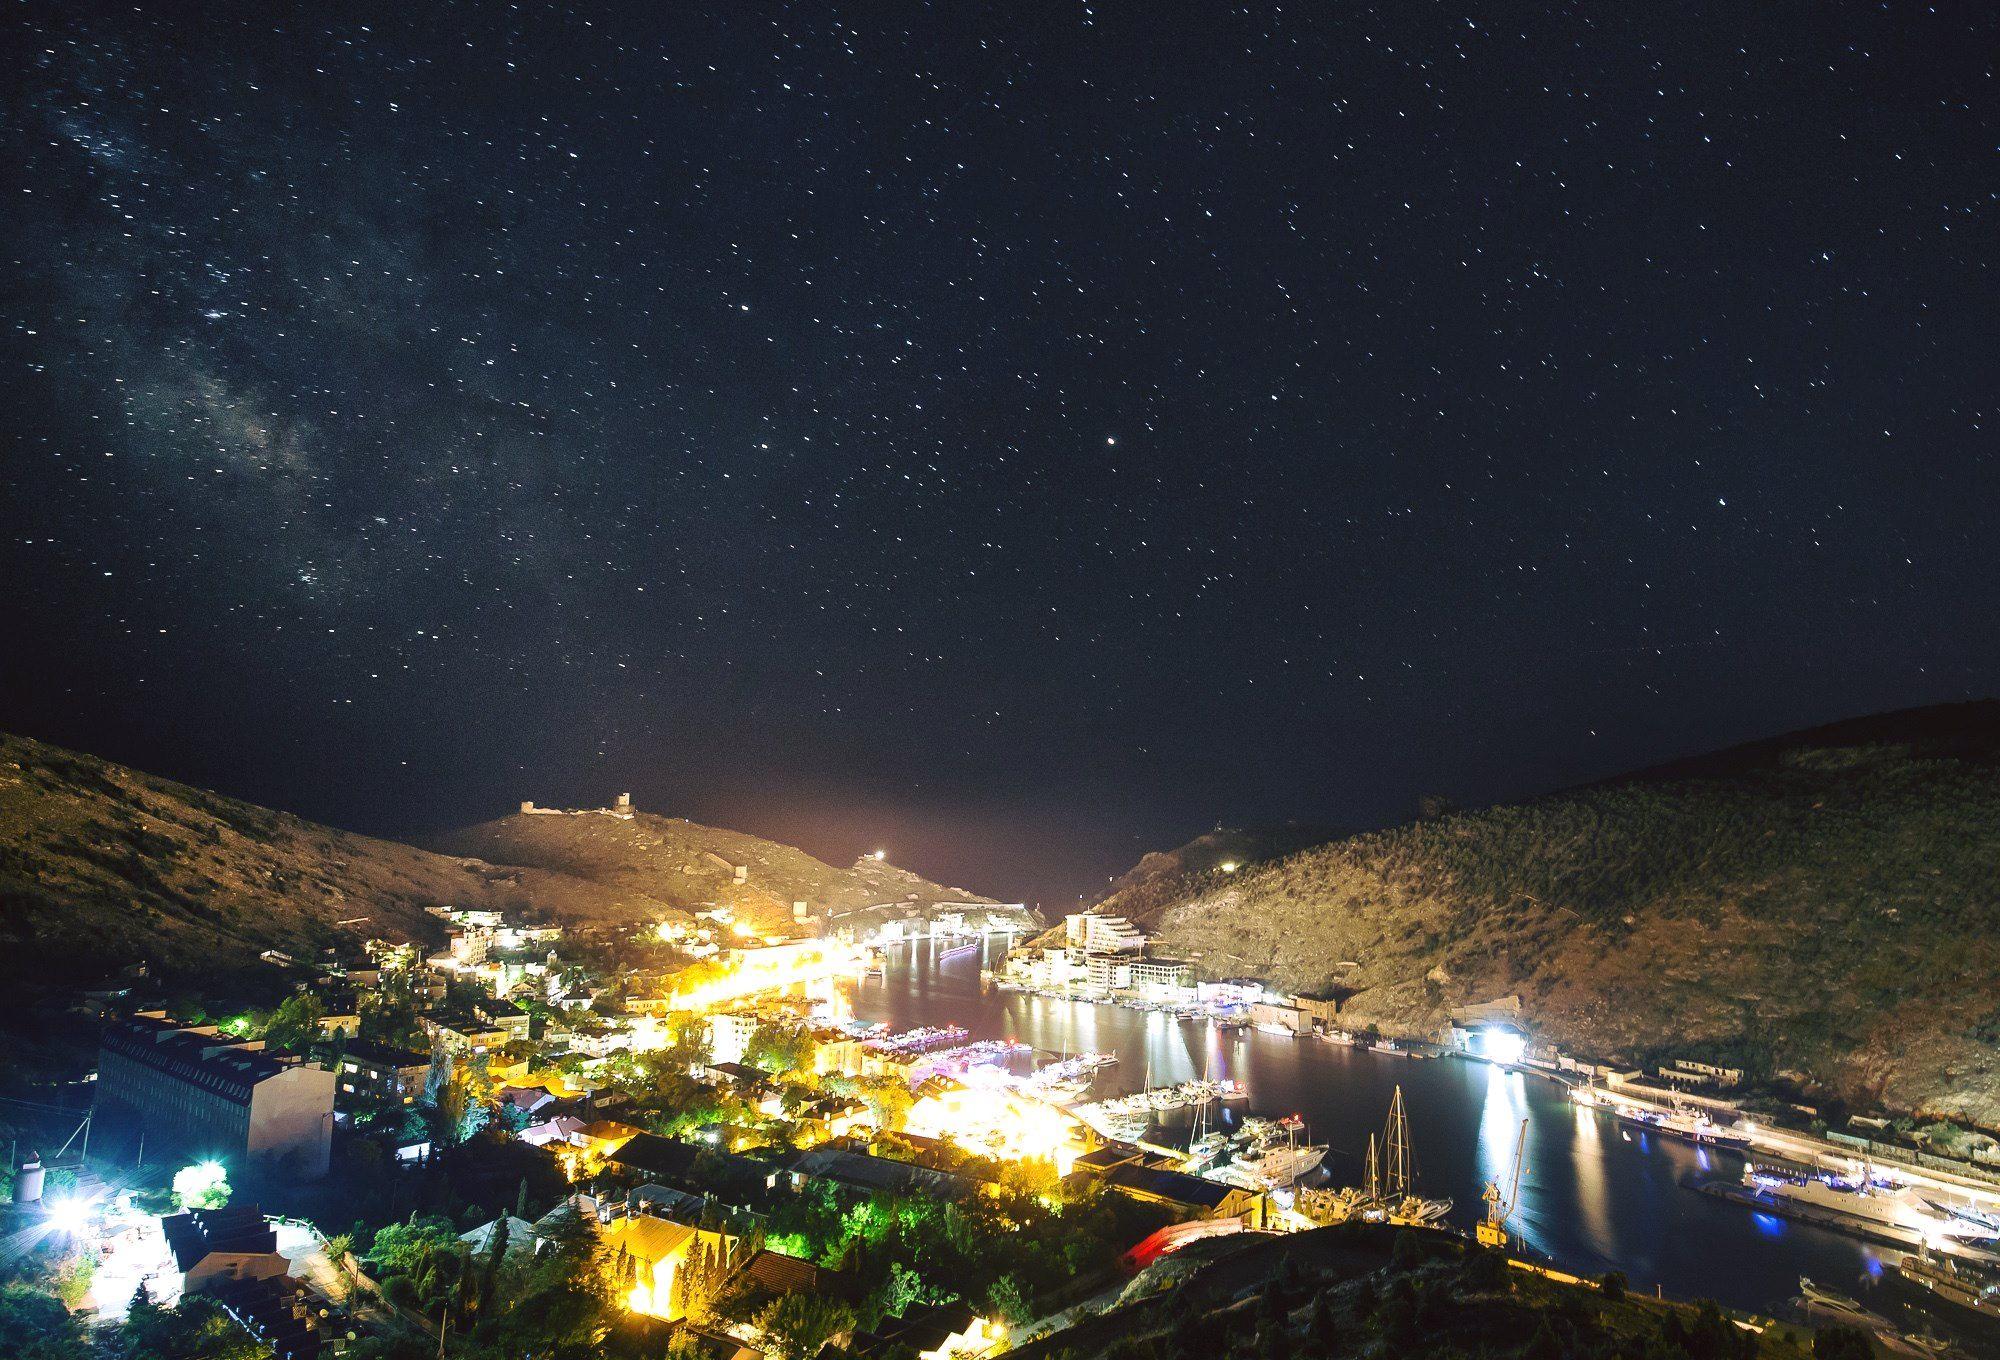 балаклава, ночь, звезды, небо, севастополь, крым, Лариса